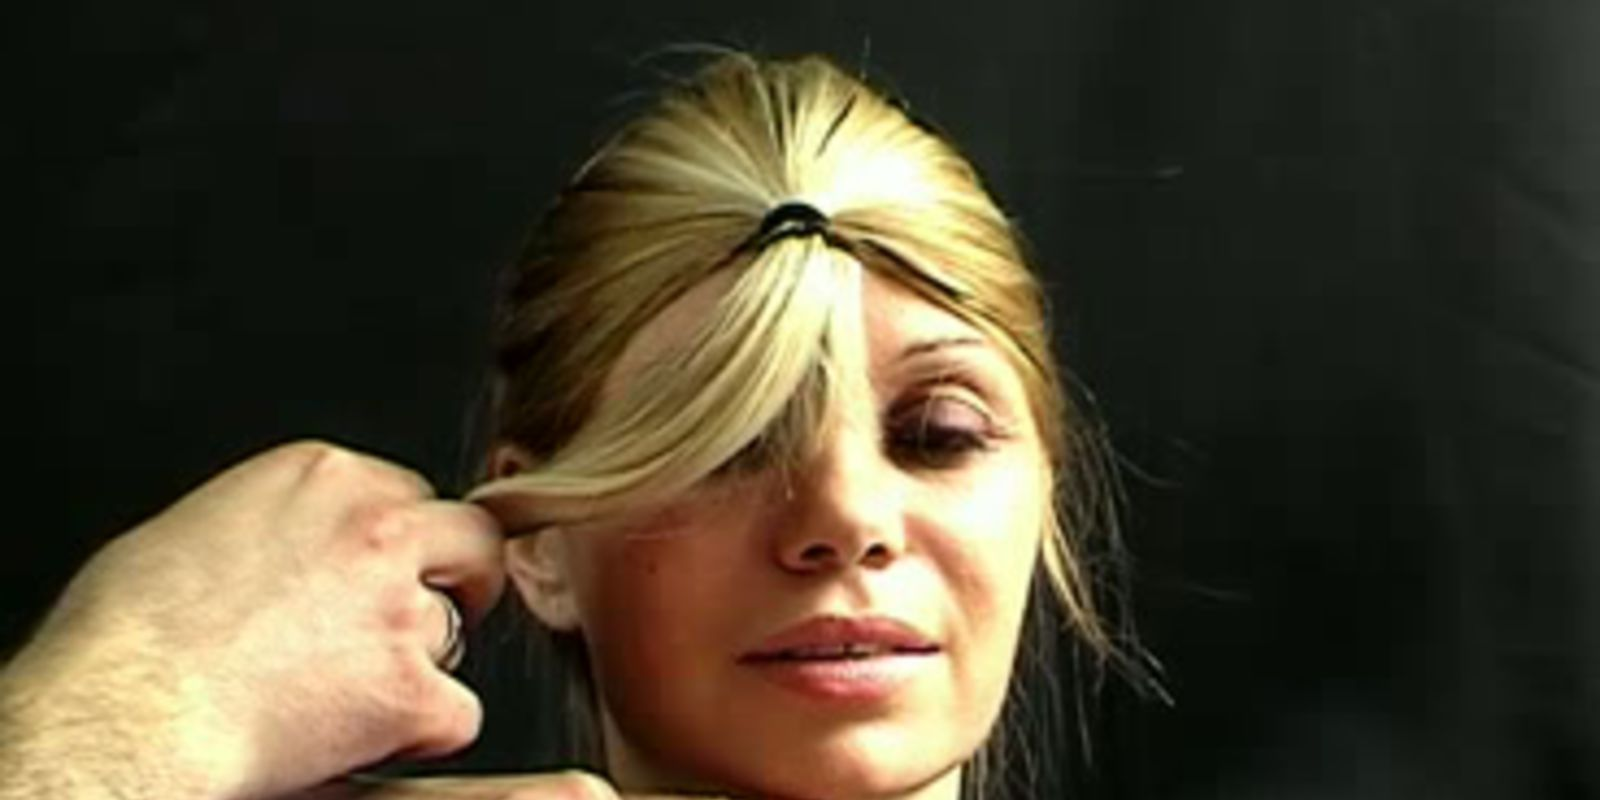 Comment couper les cheveux en d grad salon making of - Comment couper une frange en degrade ...